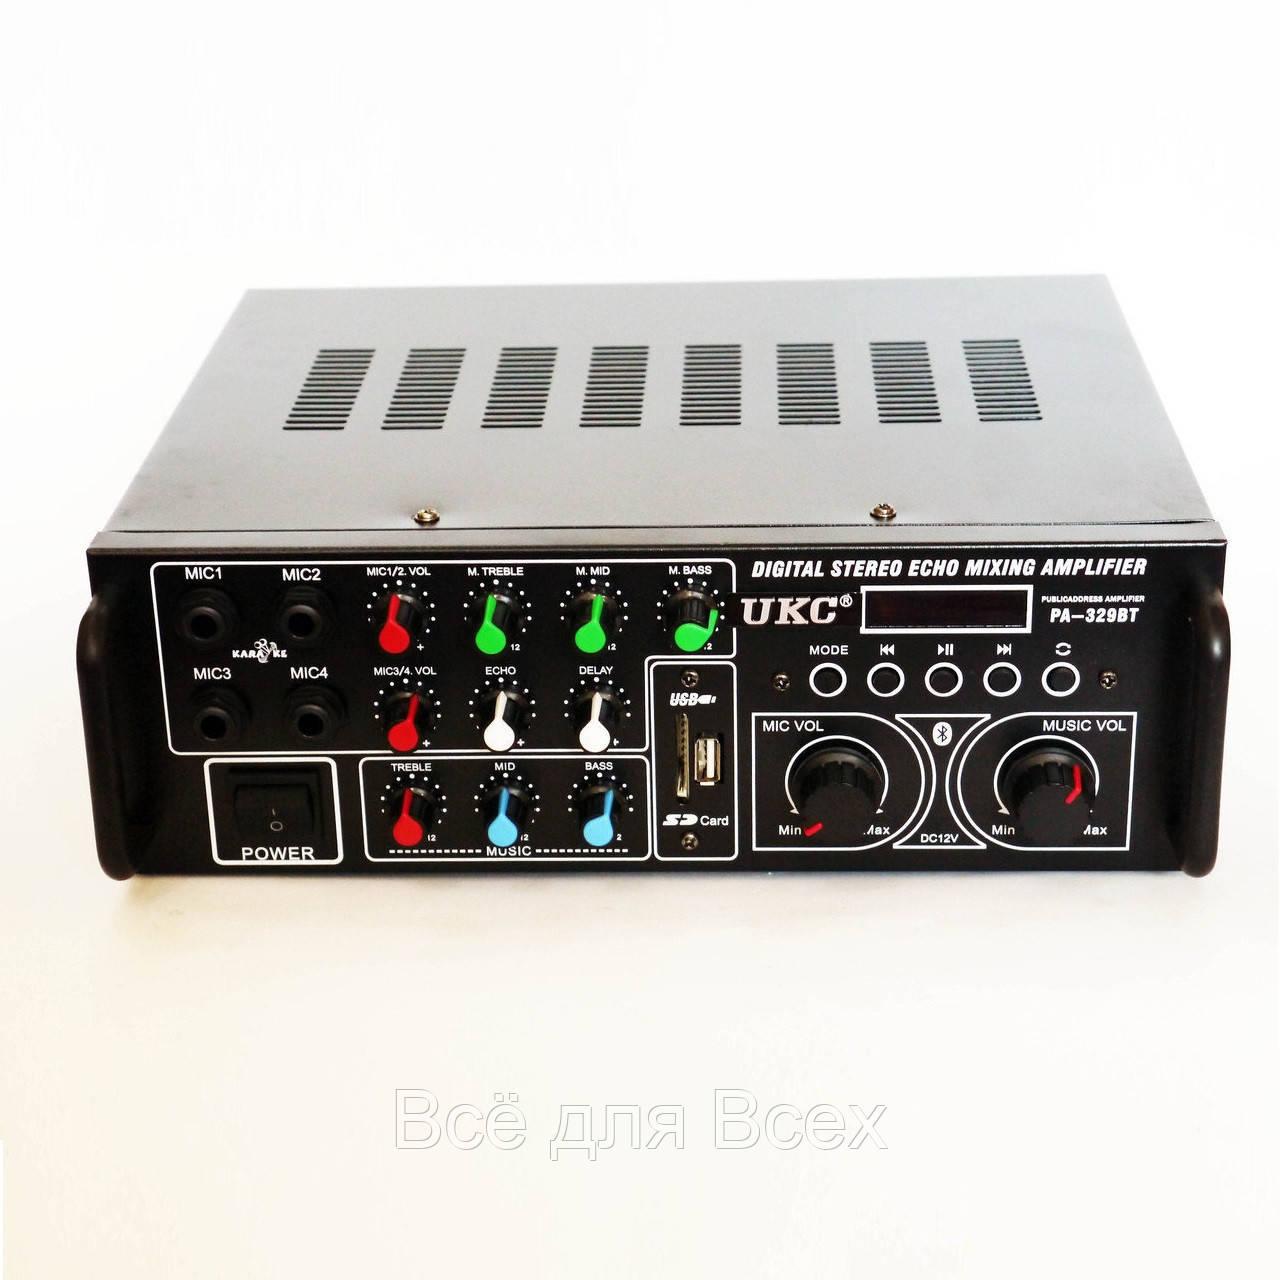 Купить Усилители звука, Усилитель звука UKC AV-329BT Bluetooth Караоке 2х120W Black